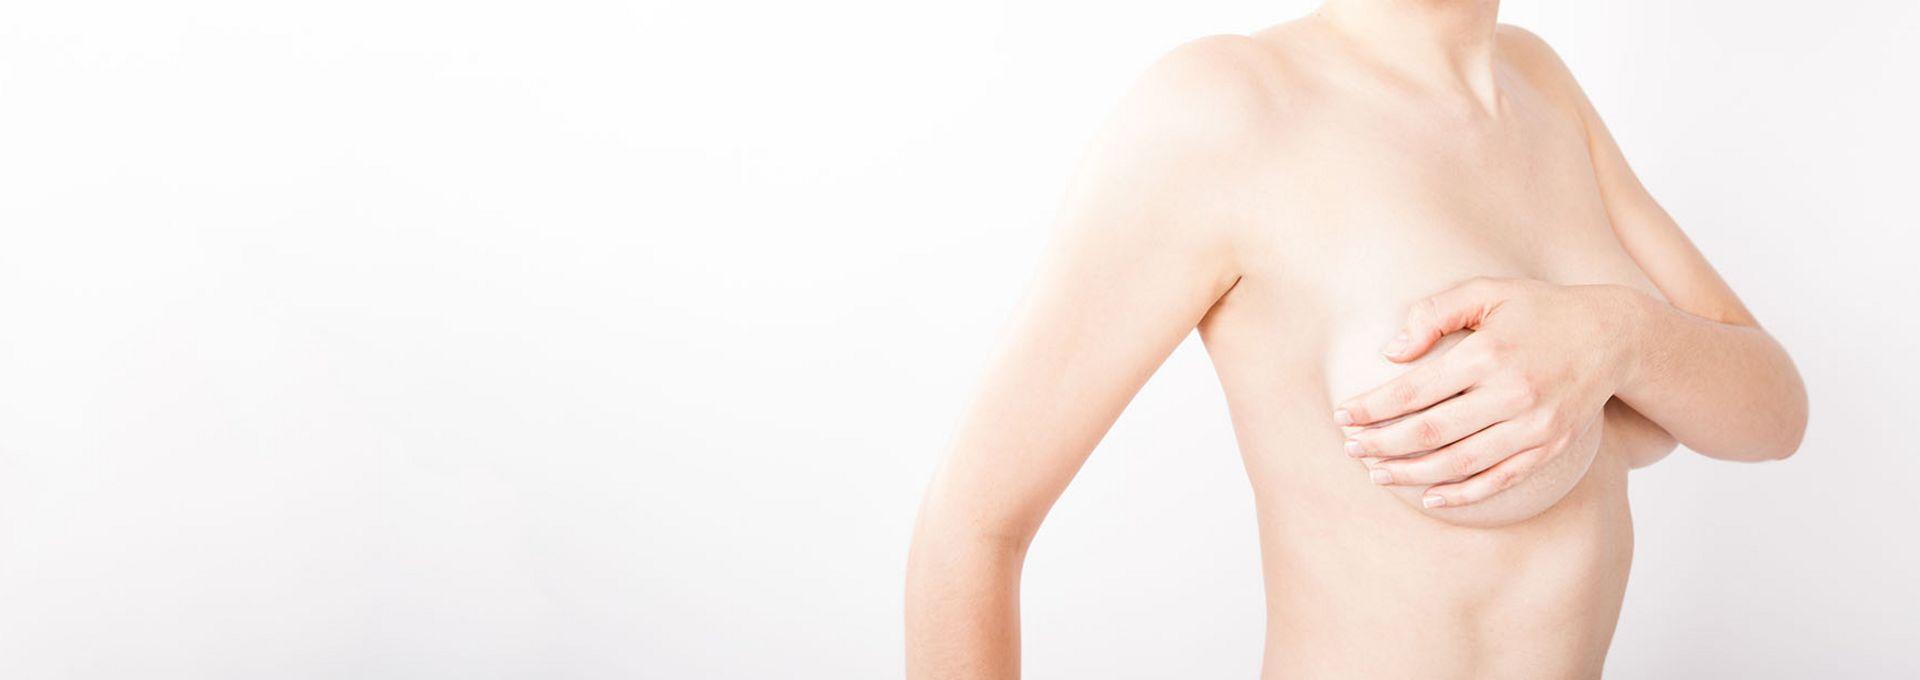 Körbchen brustverkleinerung b Nach Brustverkleinerung: